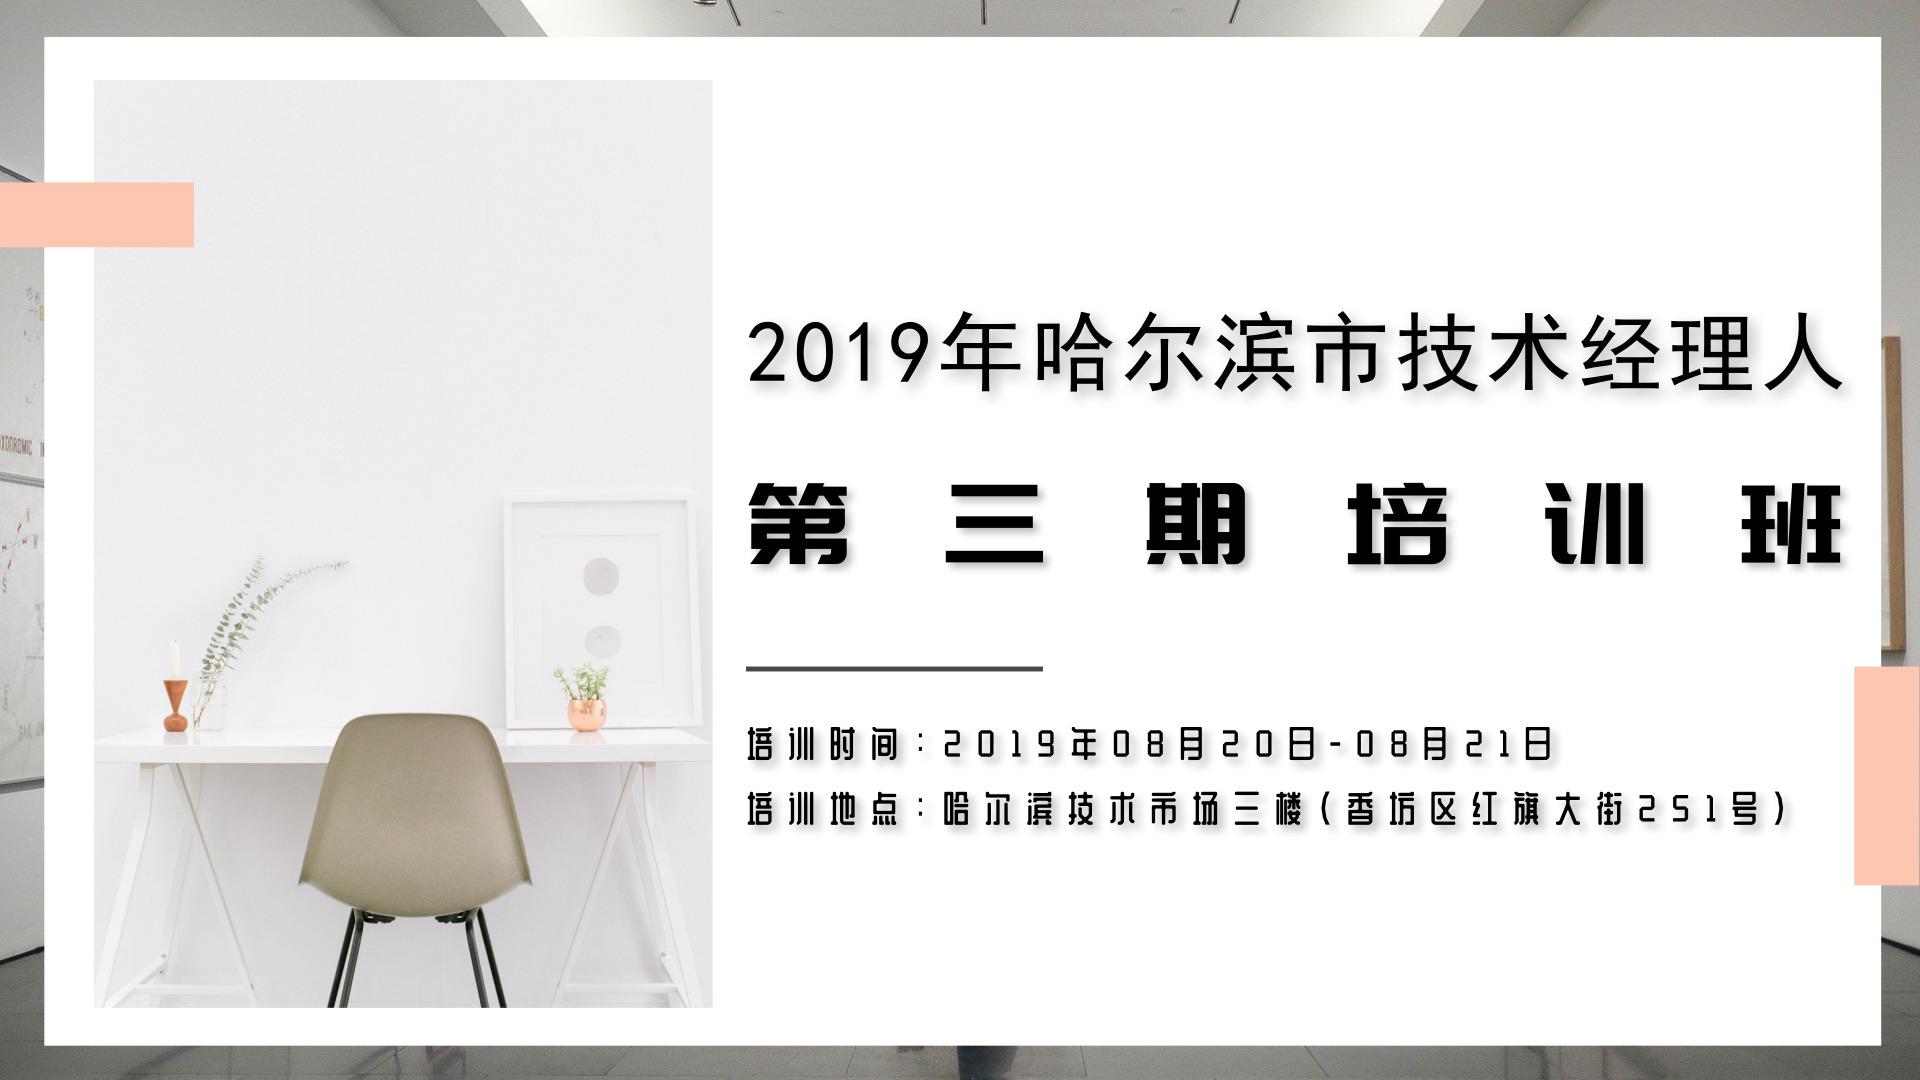 2019年哈尔滨市技术经理人第三期培训精彩集锦